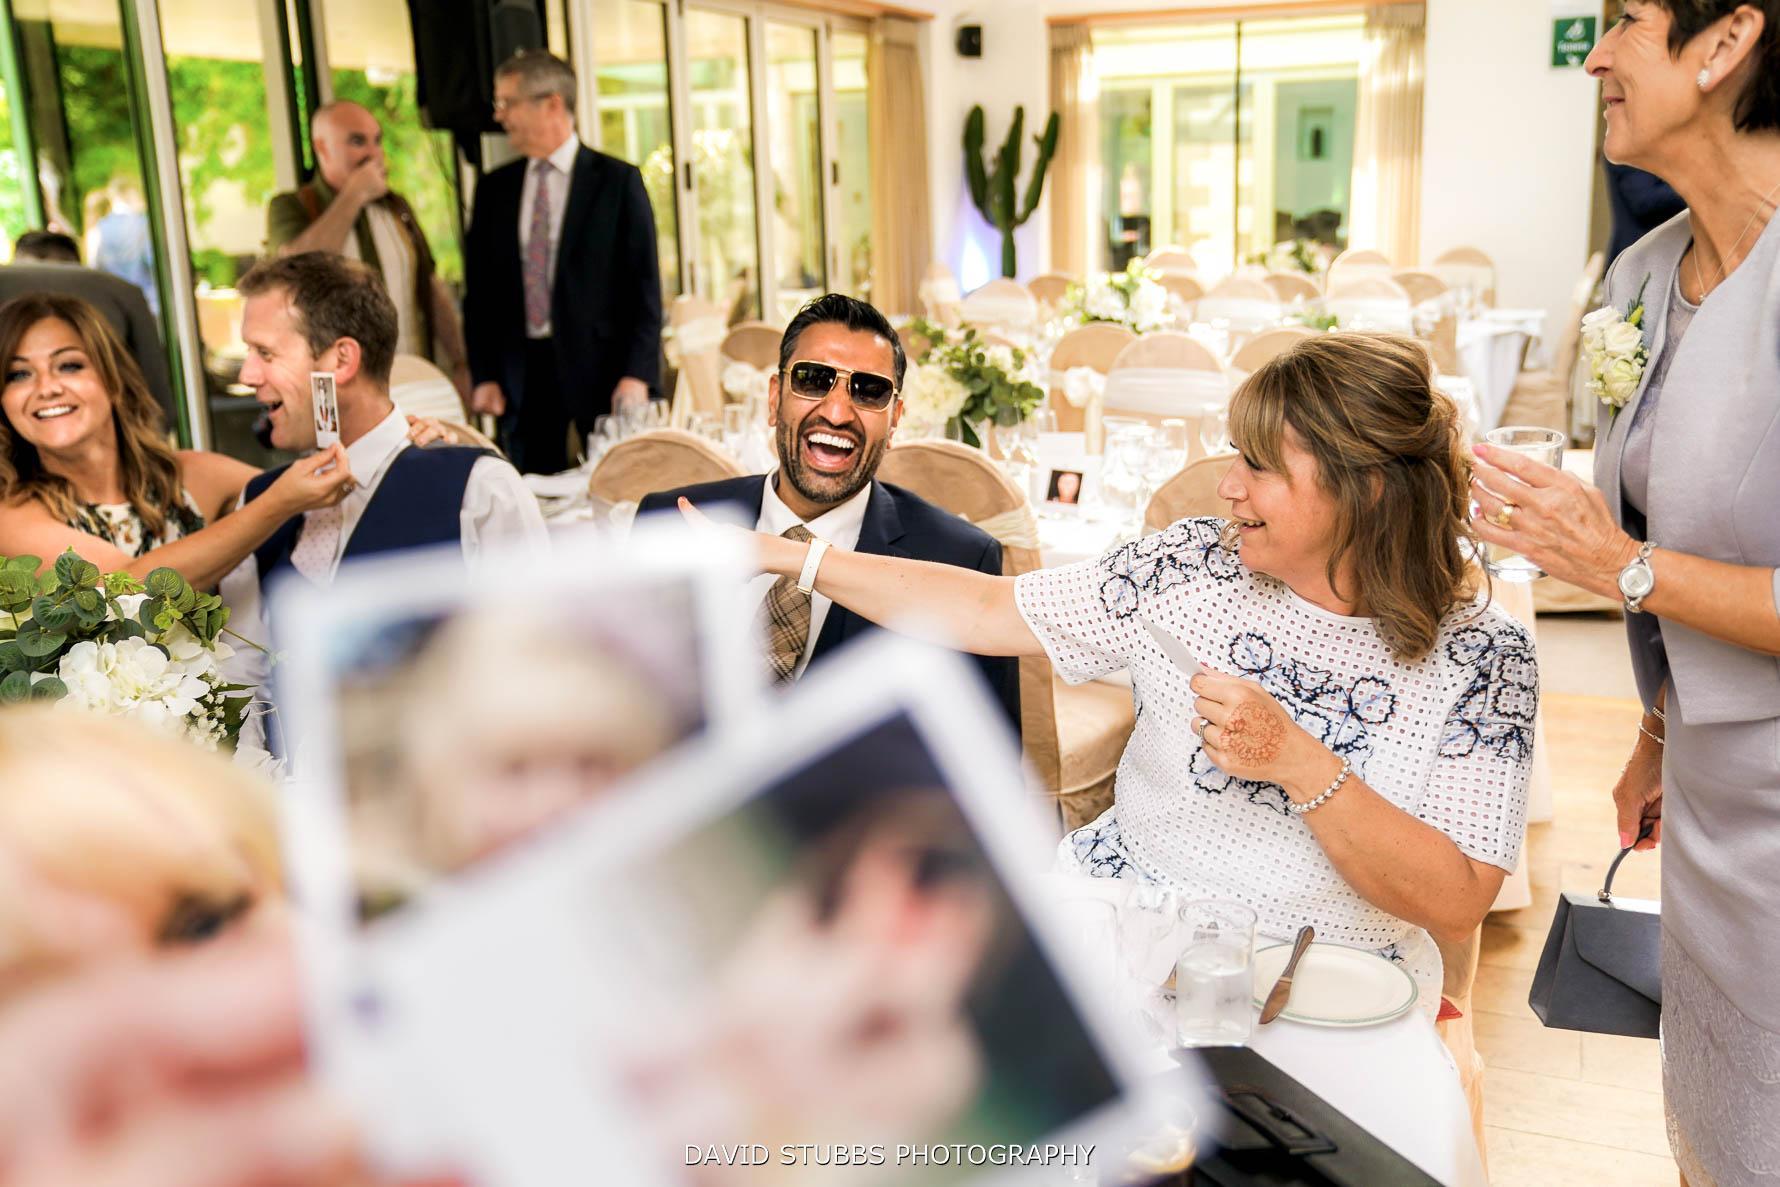 reaction to polaroid potos on tables